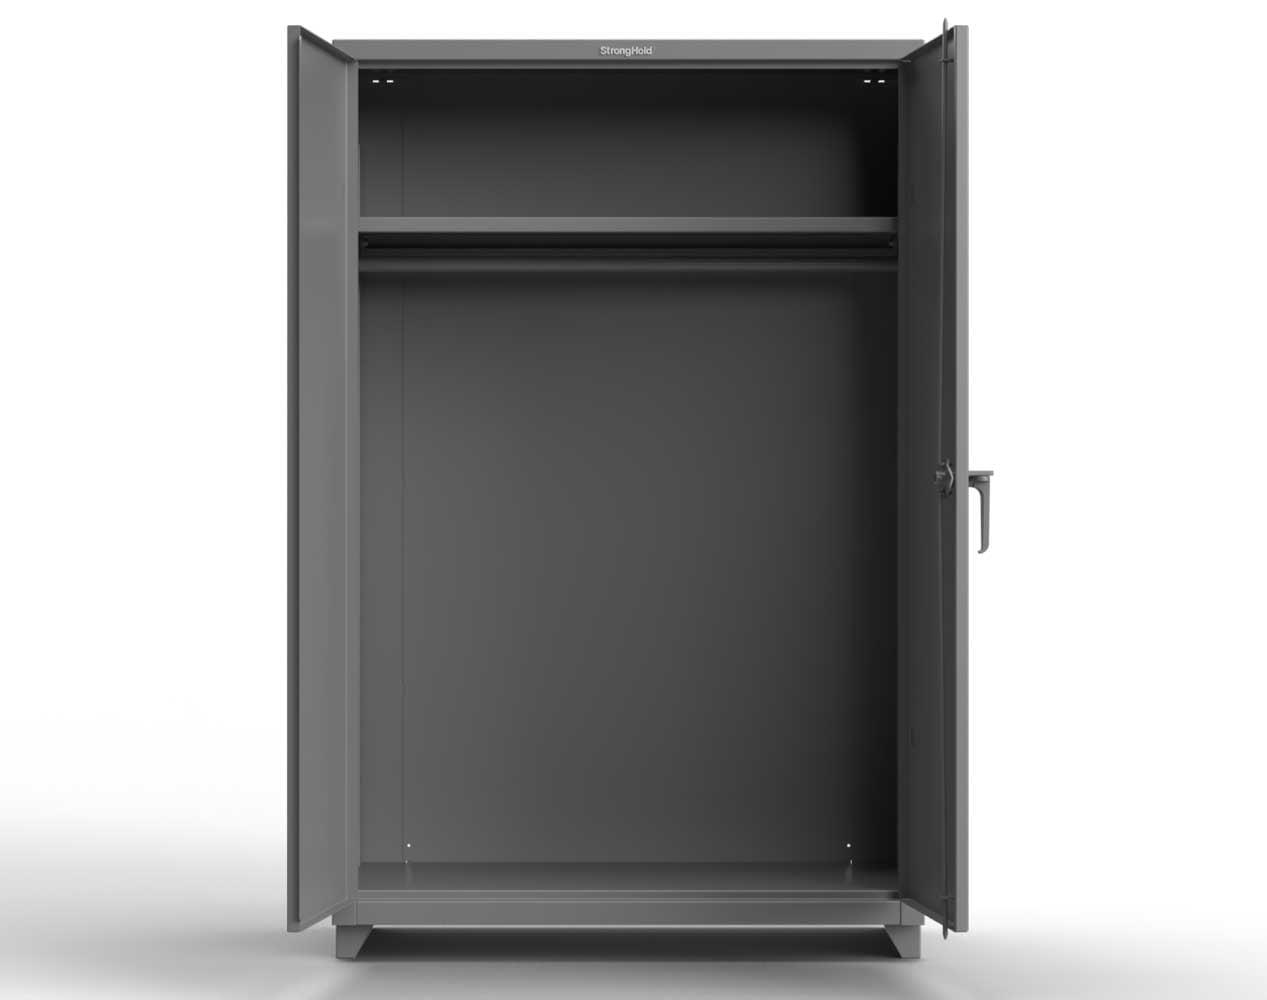 Heavy Duty 14 GA Wardrobe Cabinet with Hanger Rod, 1 Shelf – 36 In. W x 24 In. D x 75 In. H